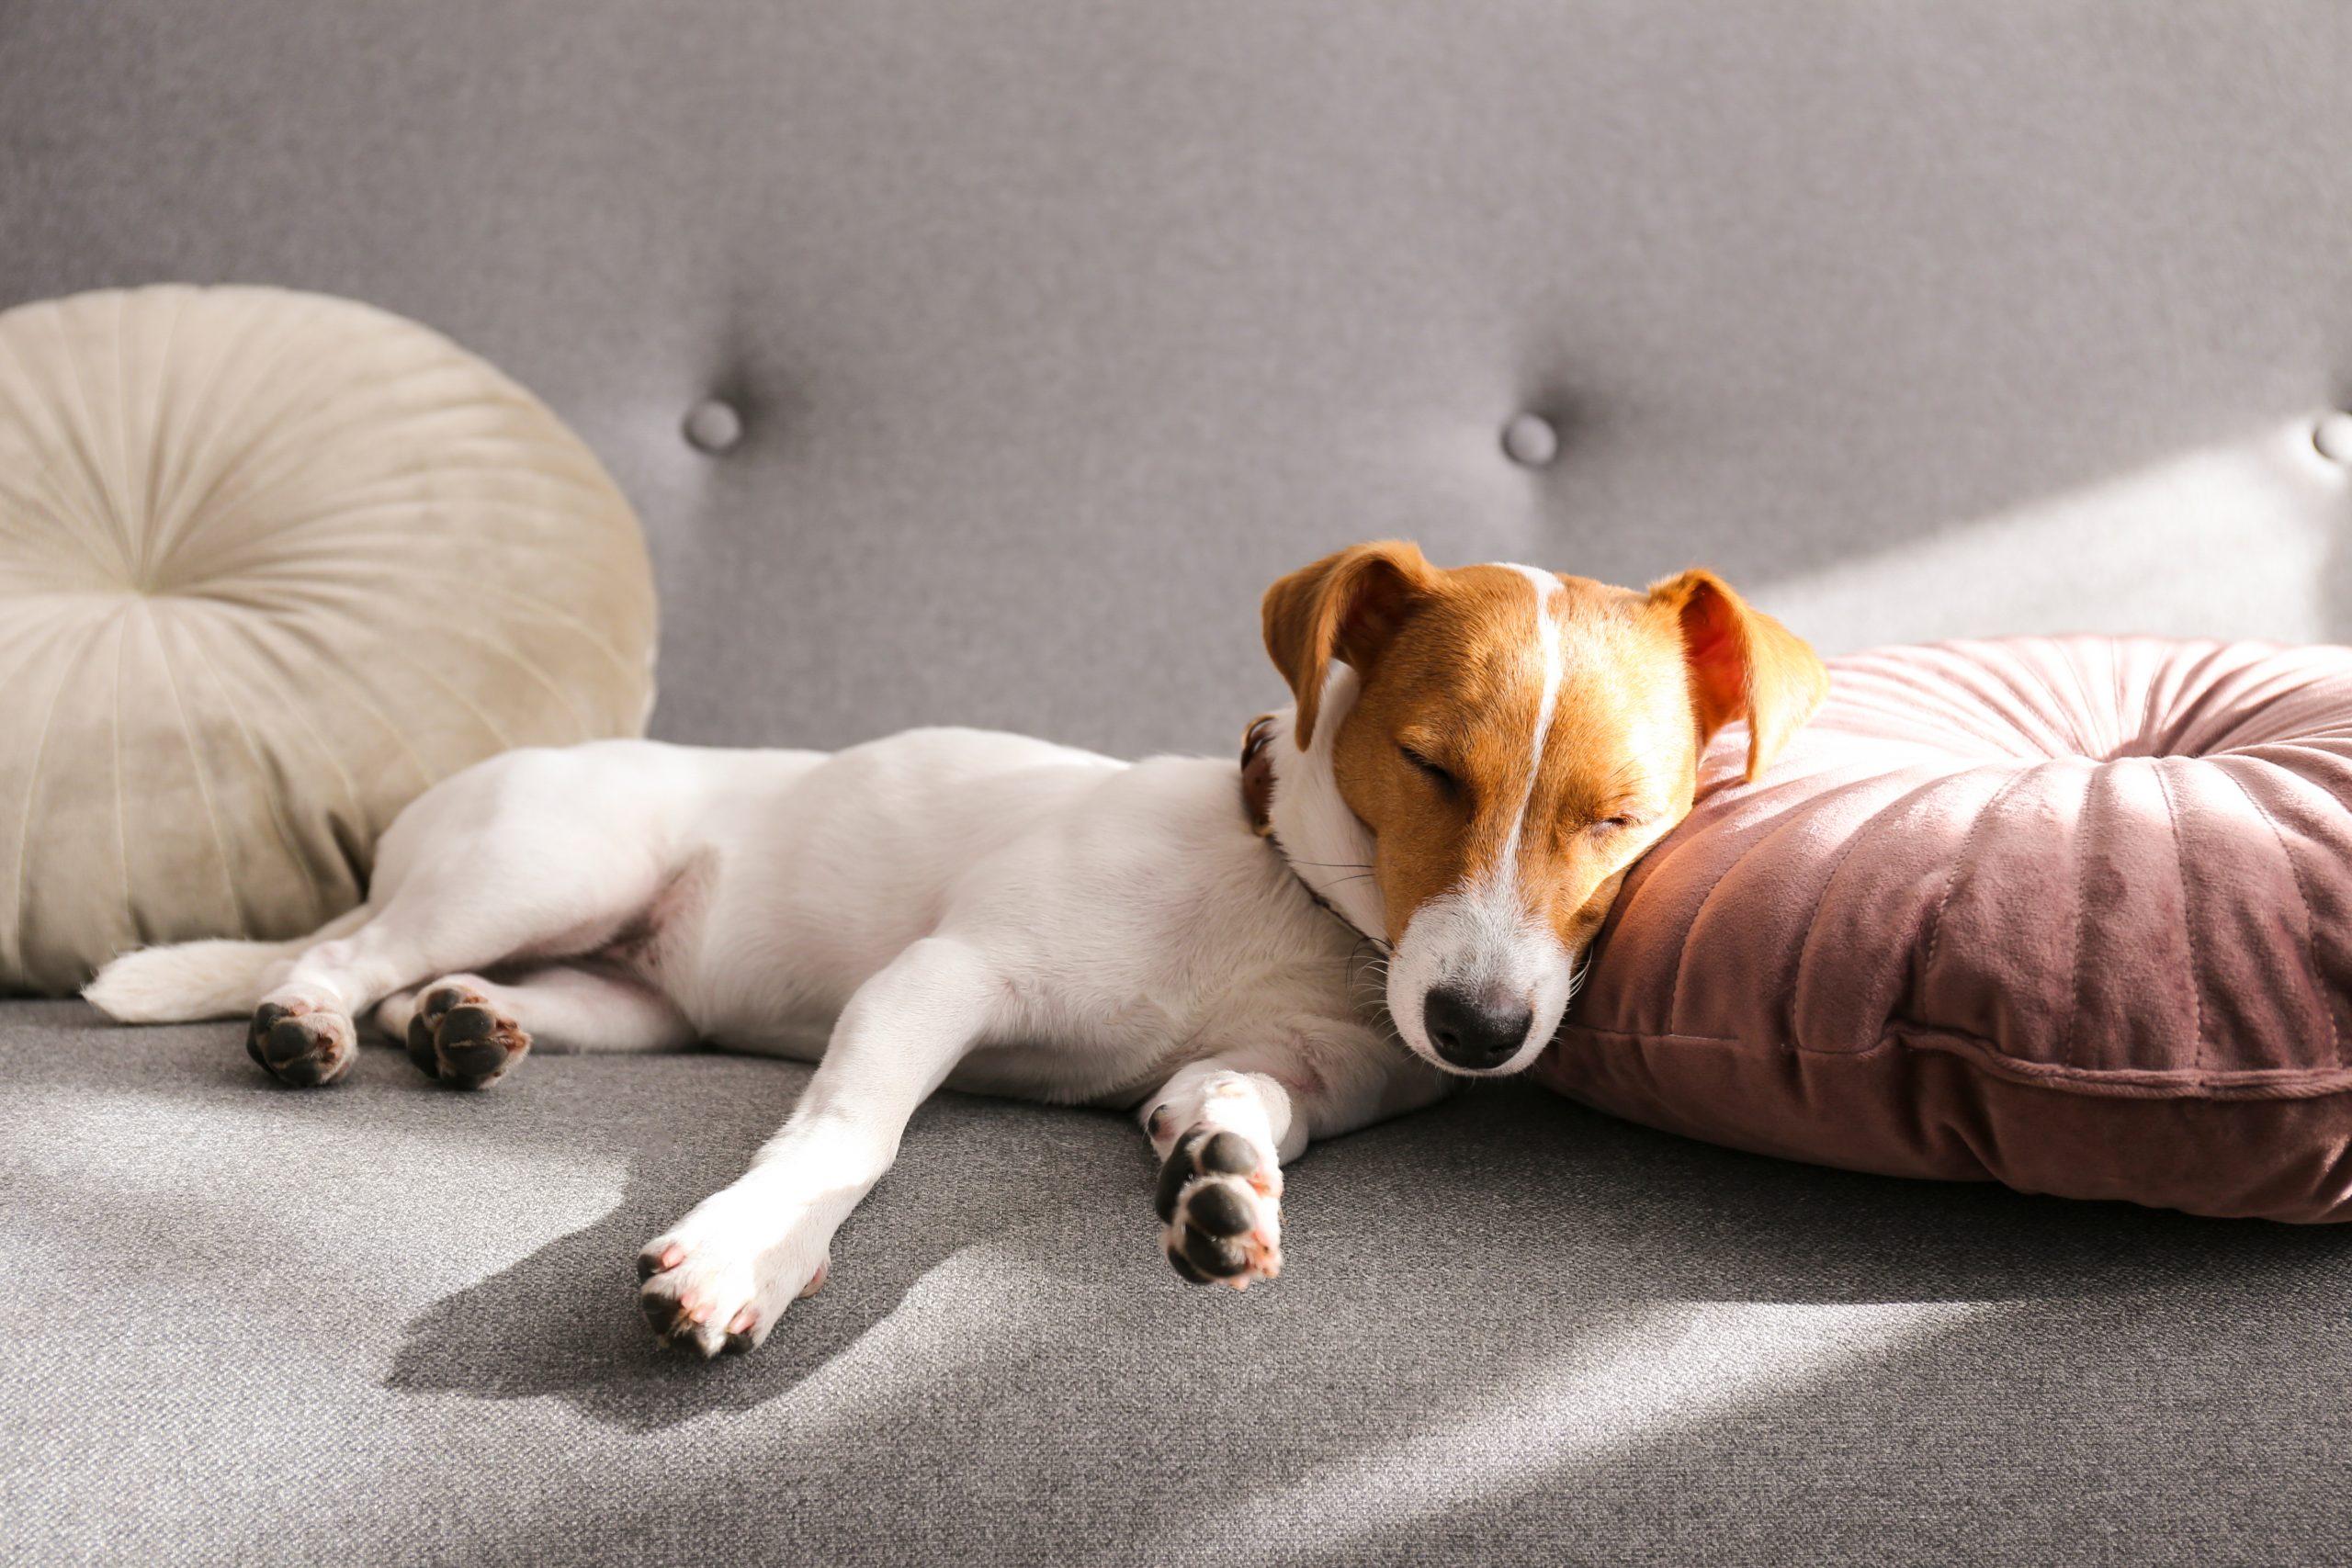 犬や猫が熱中症になると、どんな症状が出るの?